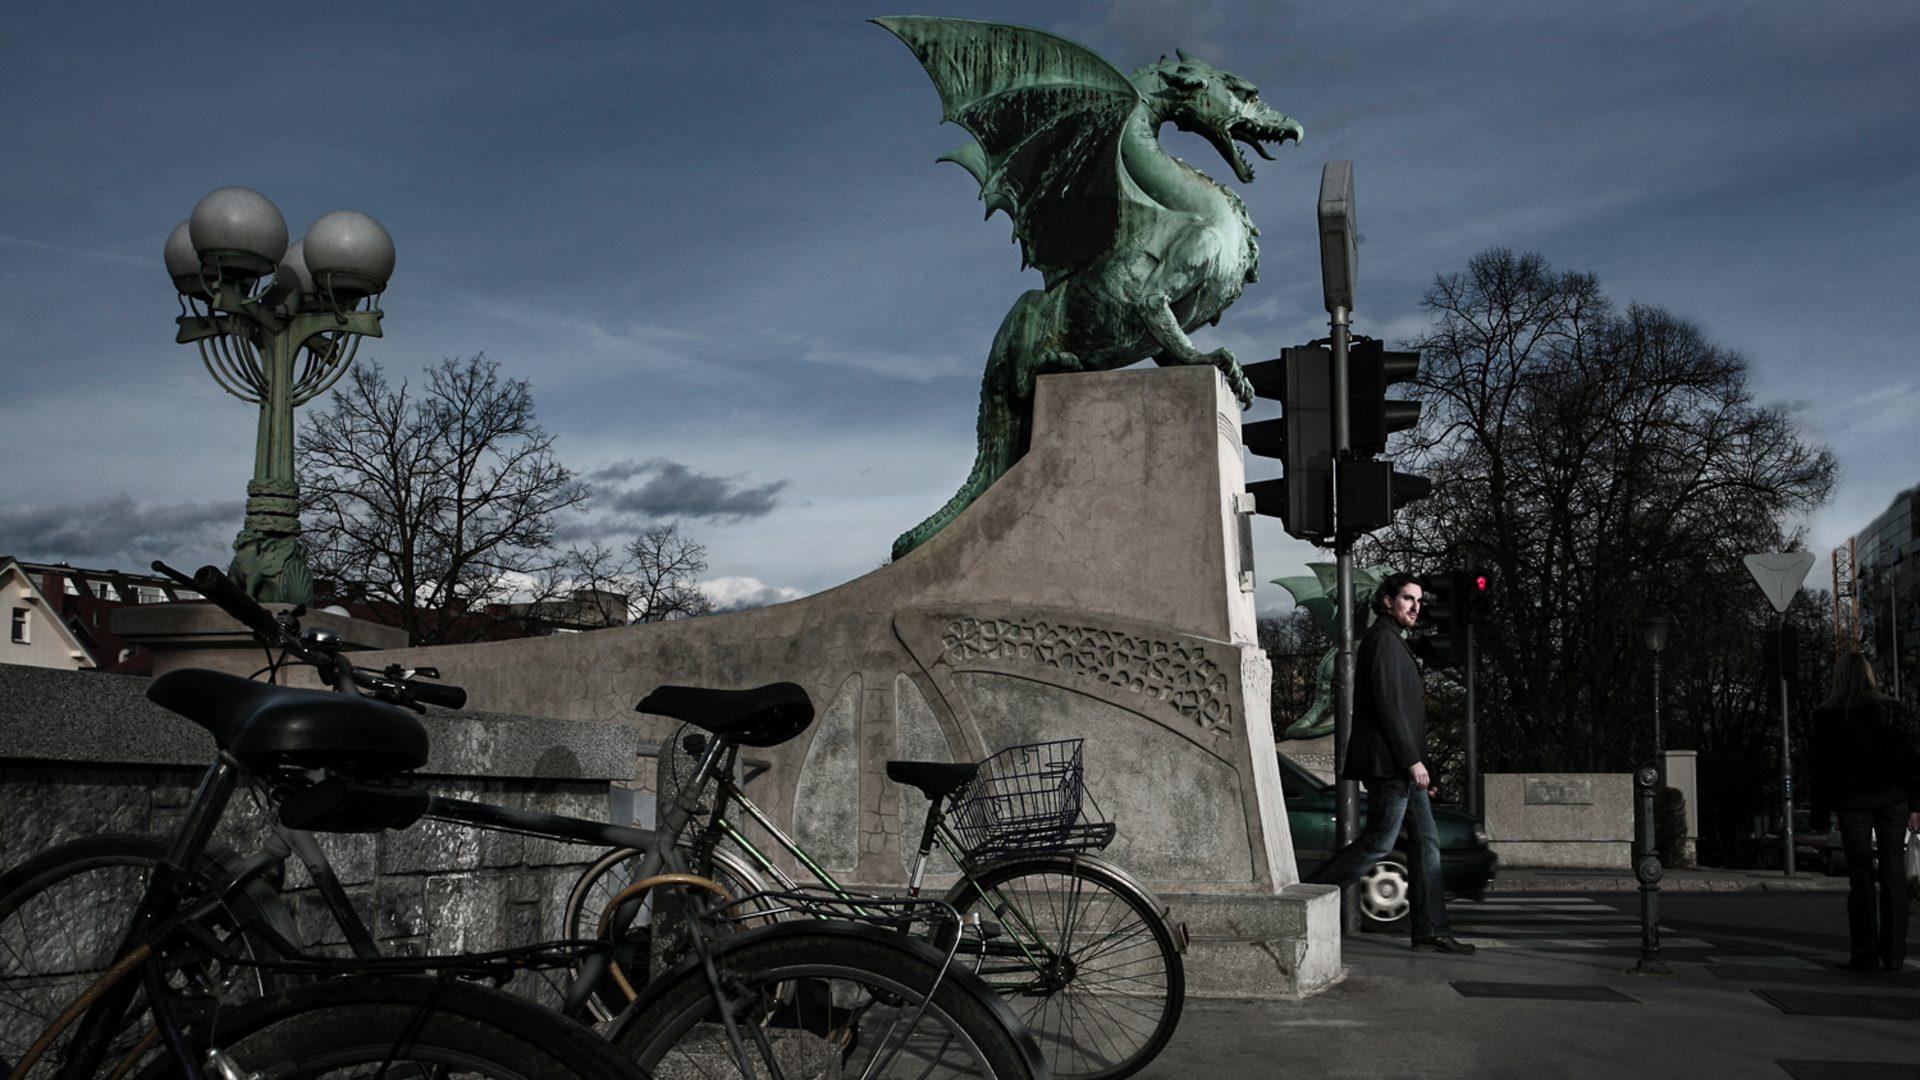 Contributor profile picture of Noah Charney. Walking past the dragon bridge in Ljubljana, Slovenia